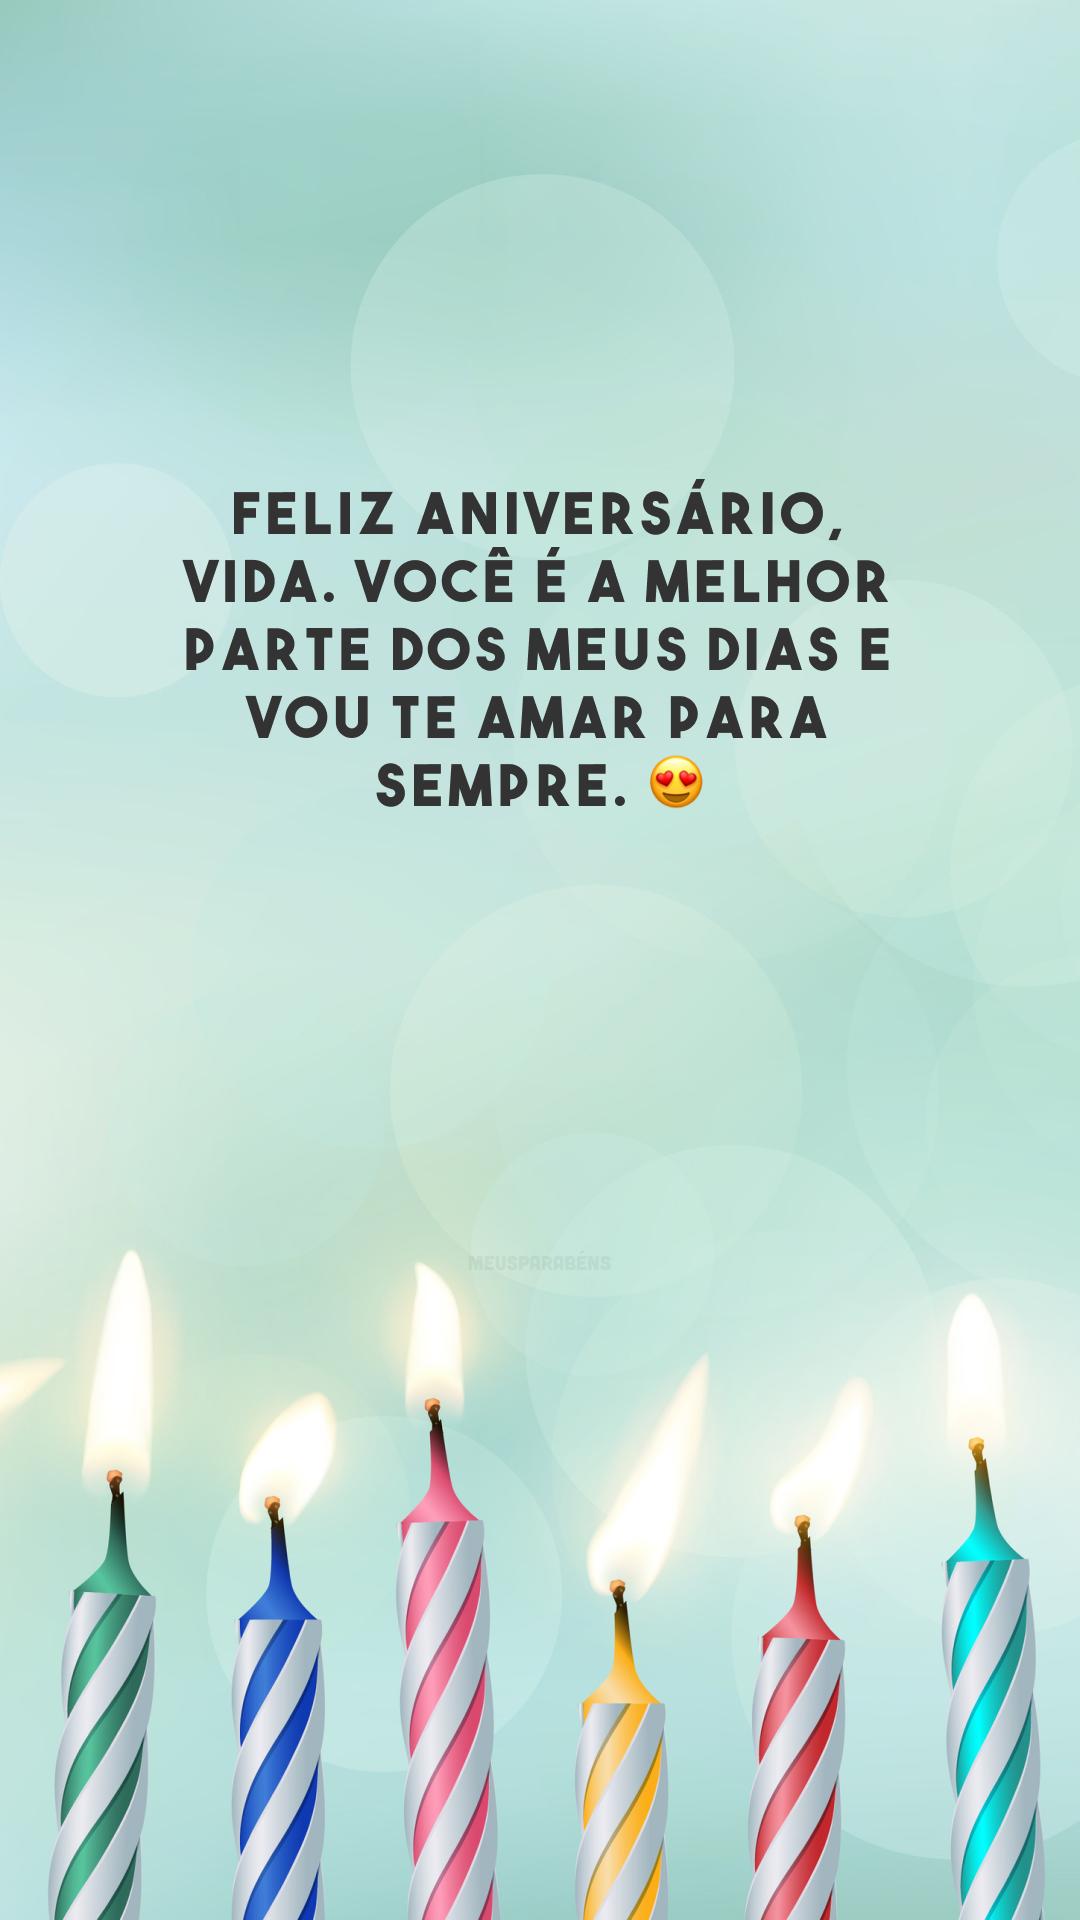 Feliz aniversário, vida. Você é a melhor parte dos meus dias e vou te amar para sempre. 😍